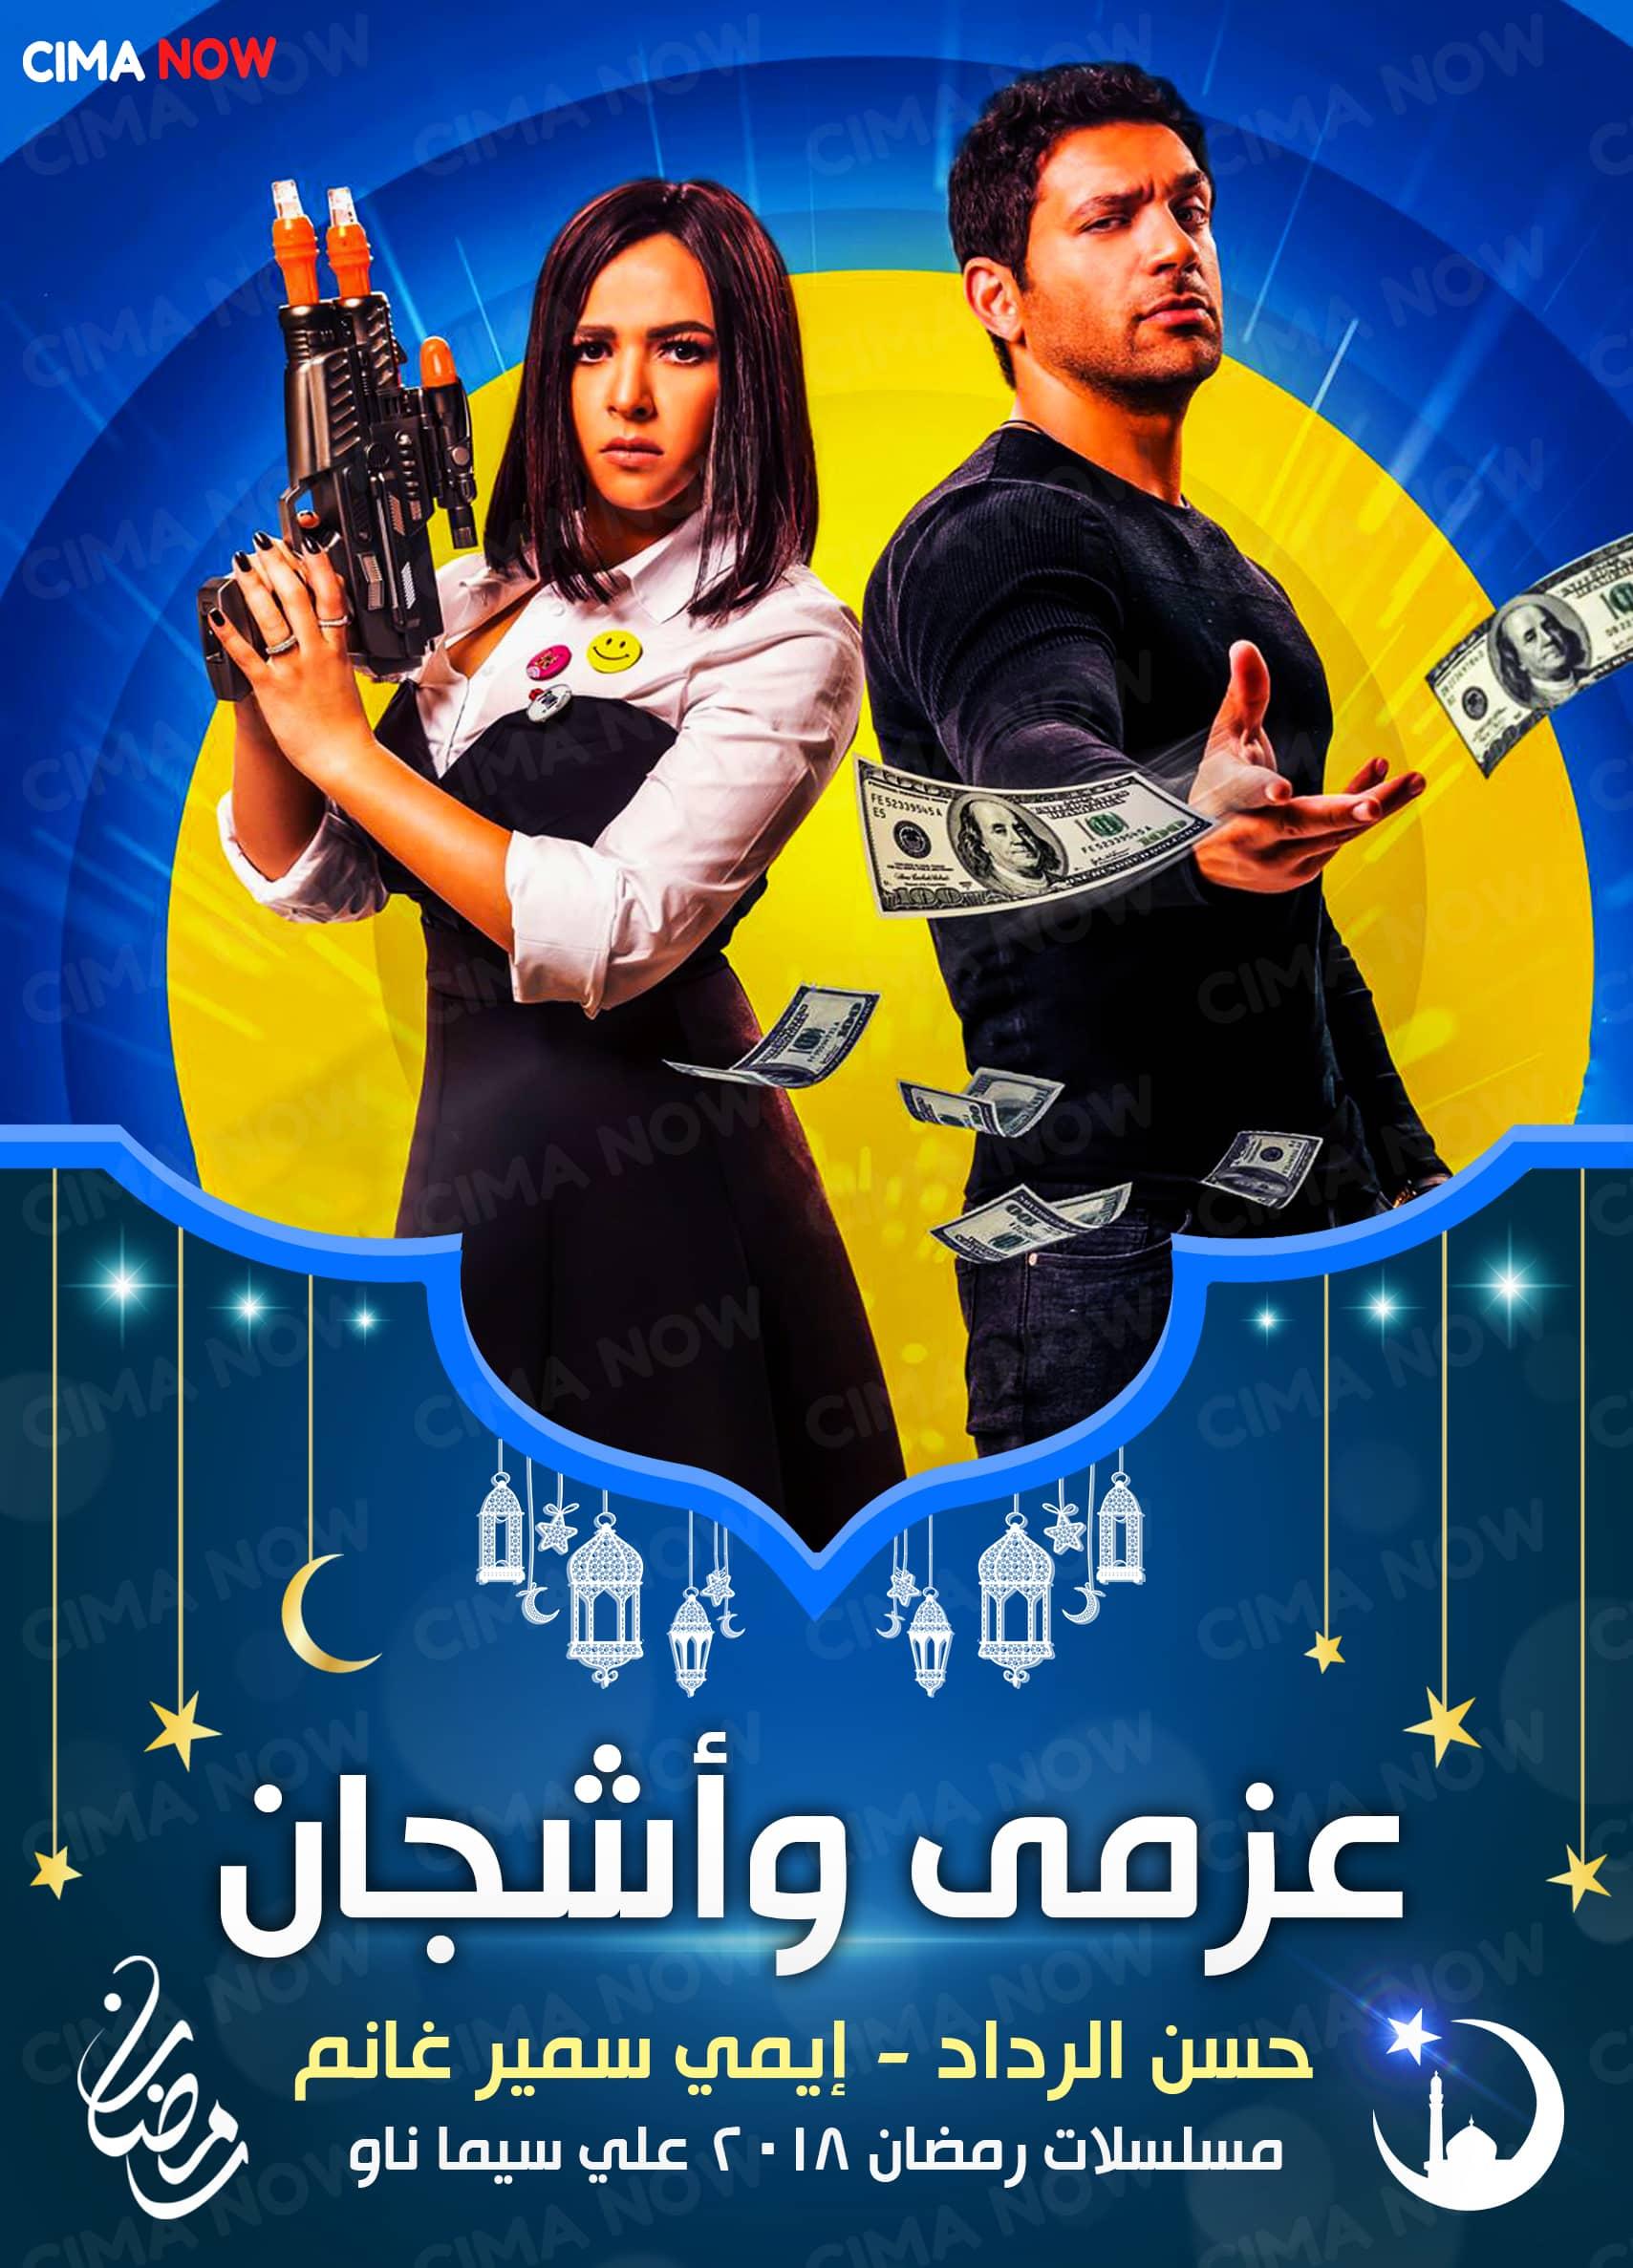 مسلسل عزمي واشجان الحلقة 15 الخامسة عشر